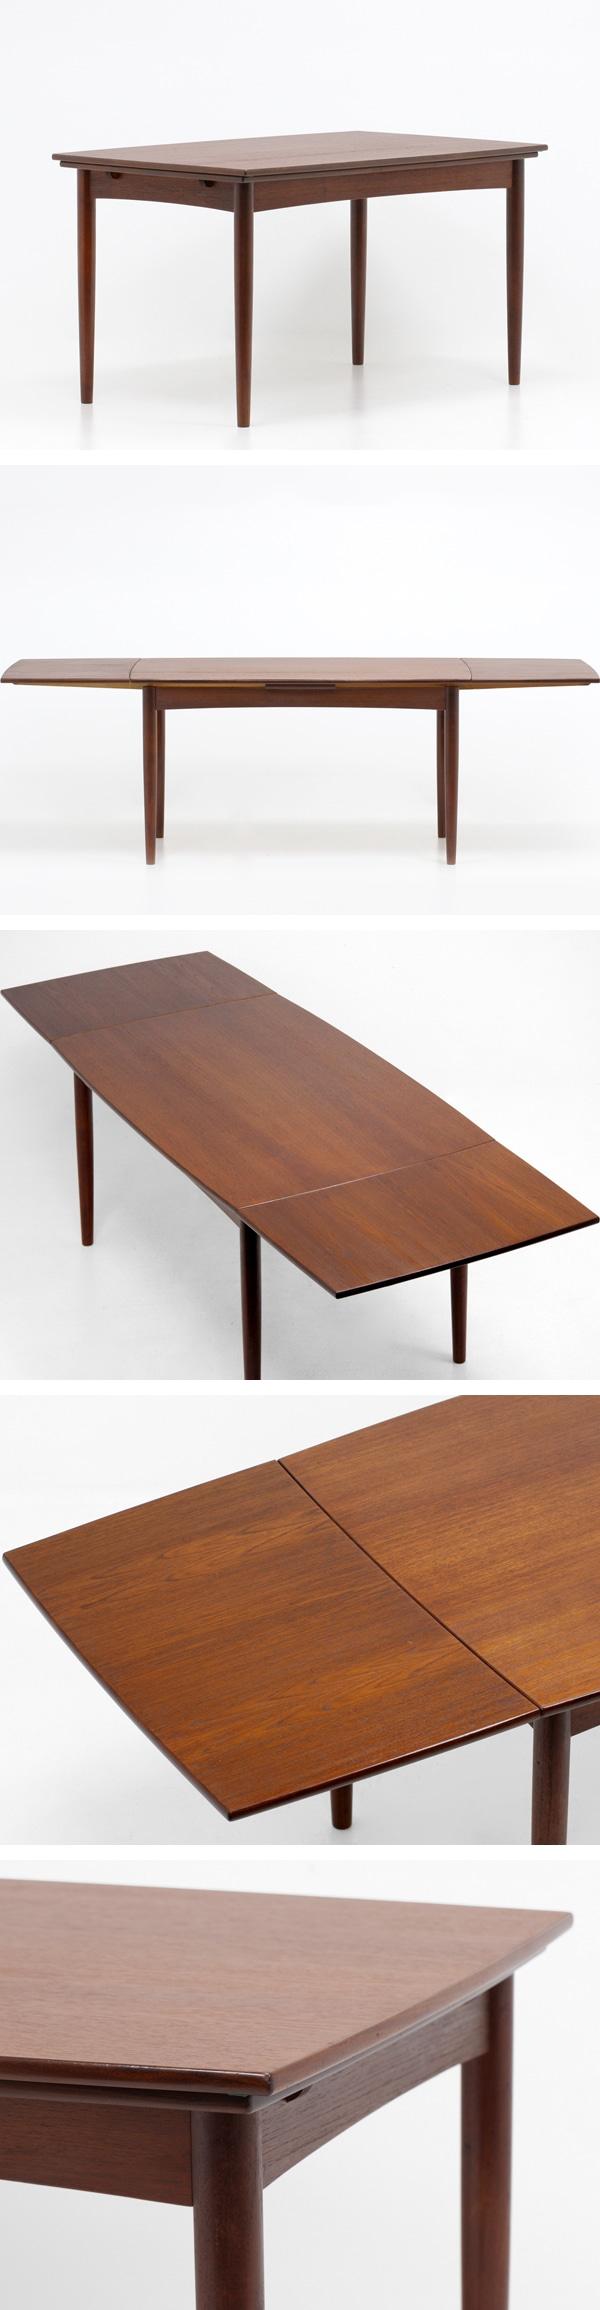 北欧ビンテージ家具,伸長式,ダイニングテーブル,チーク材,エクステンション,中古,デンマーク,おすすめ,通販